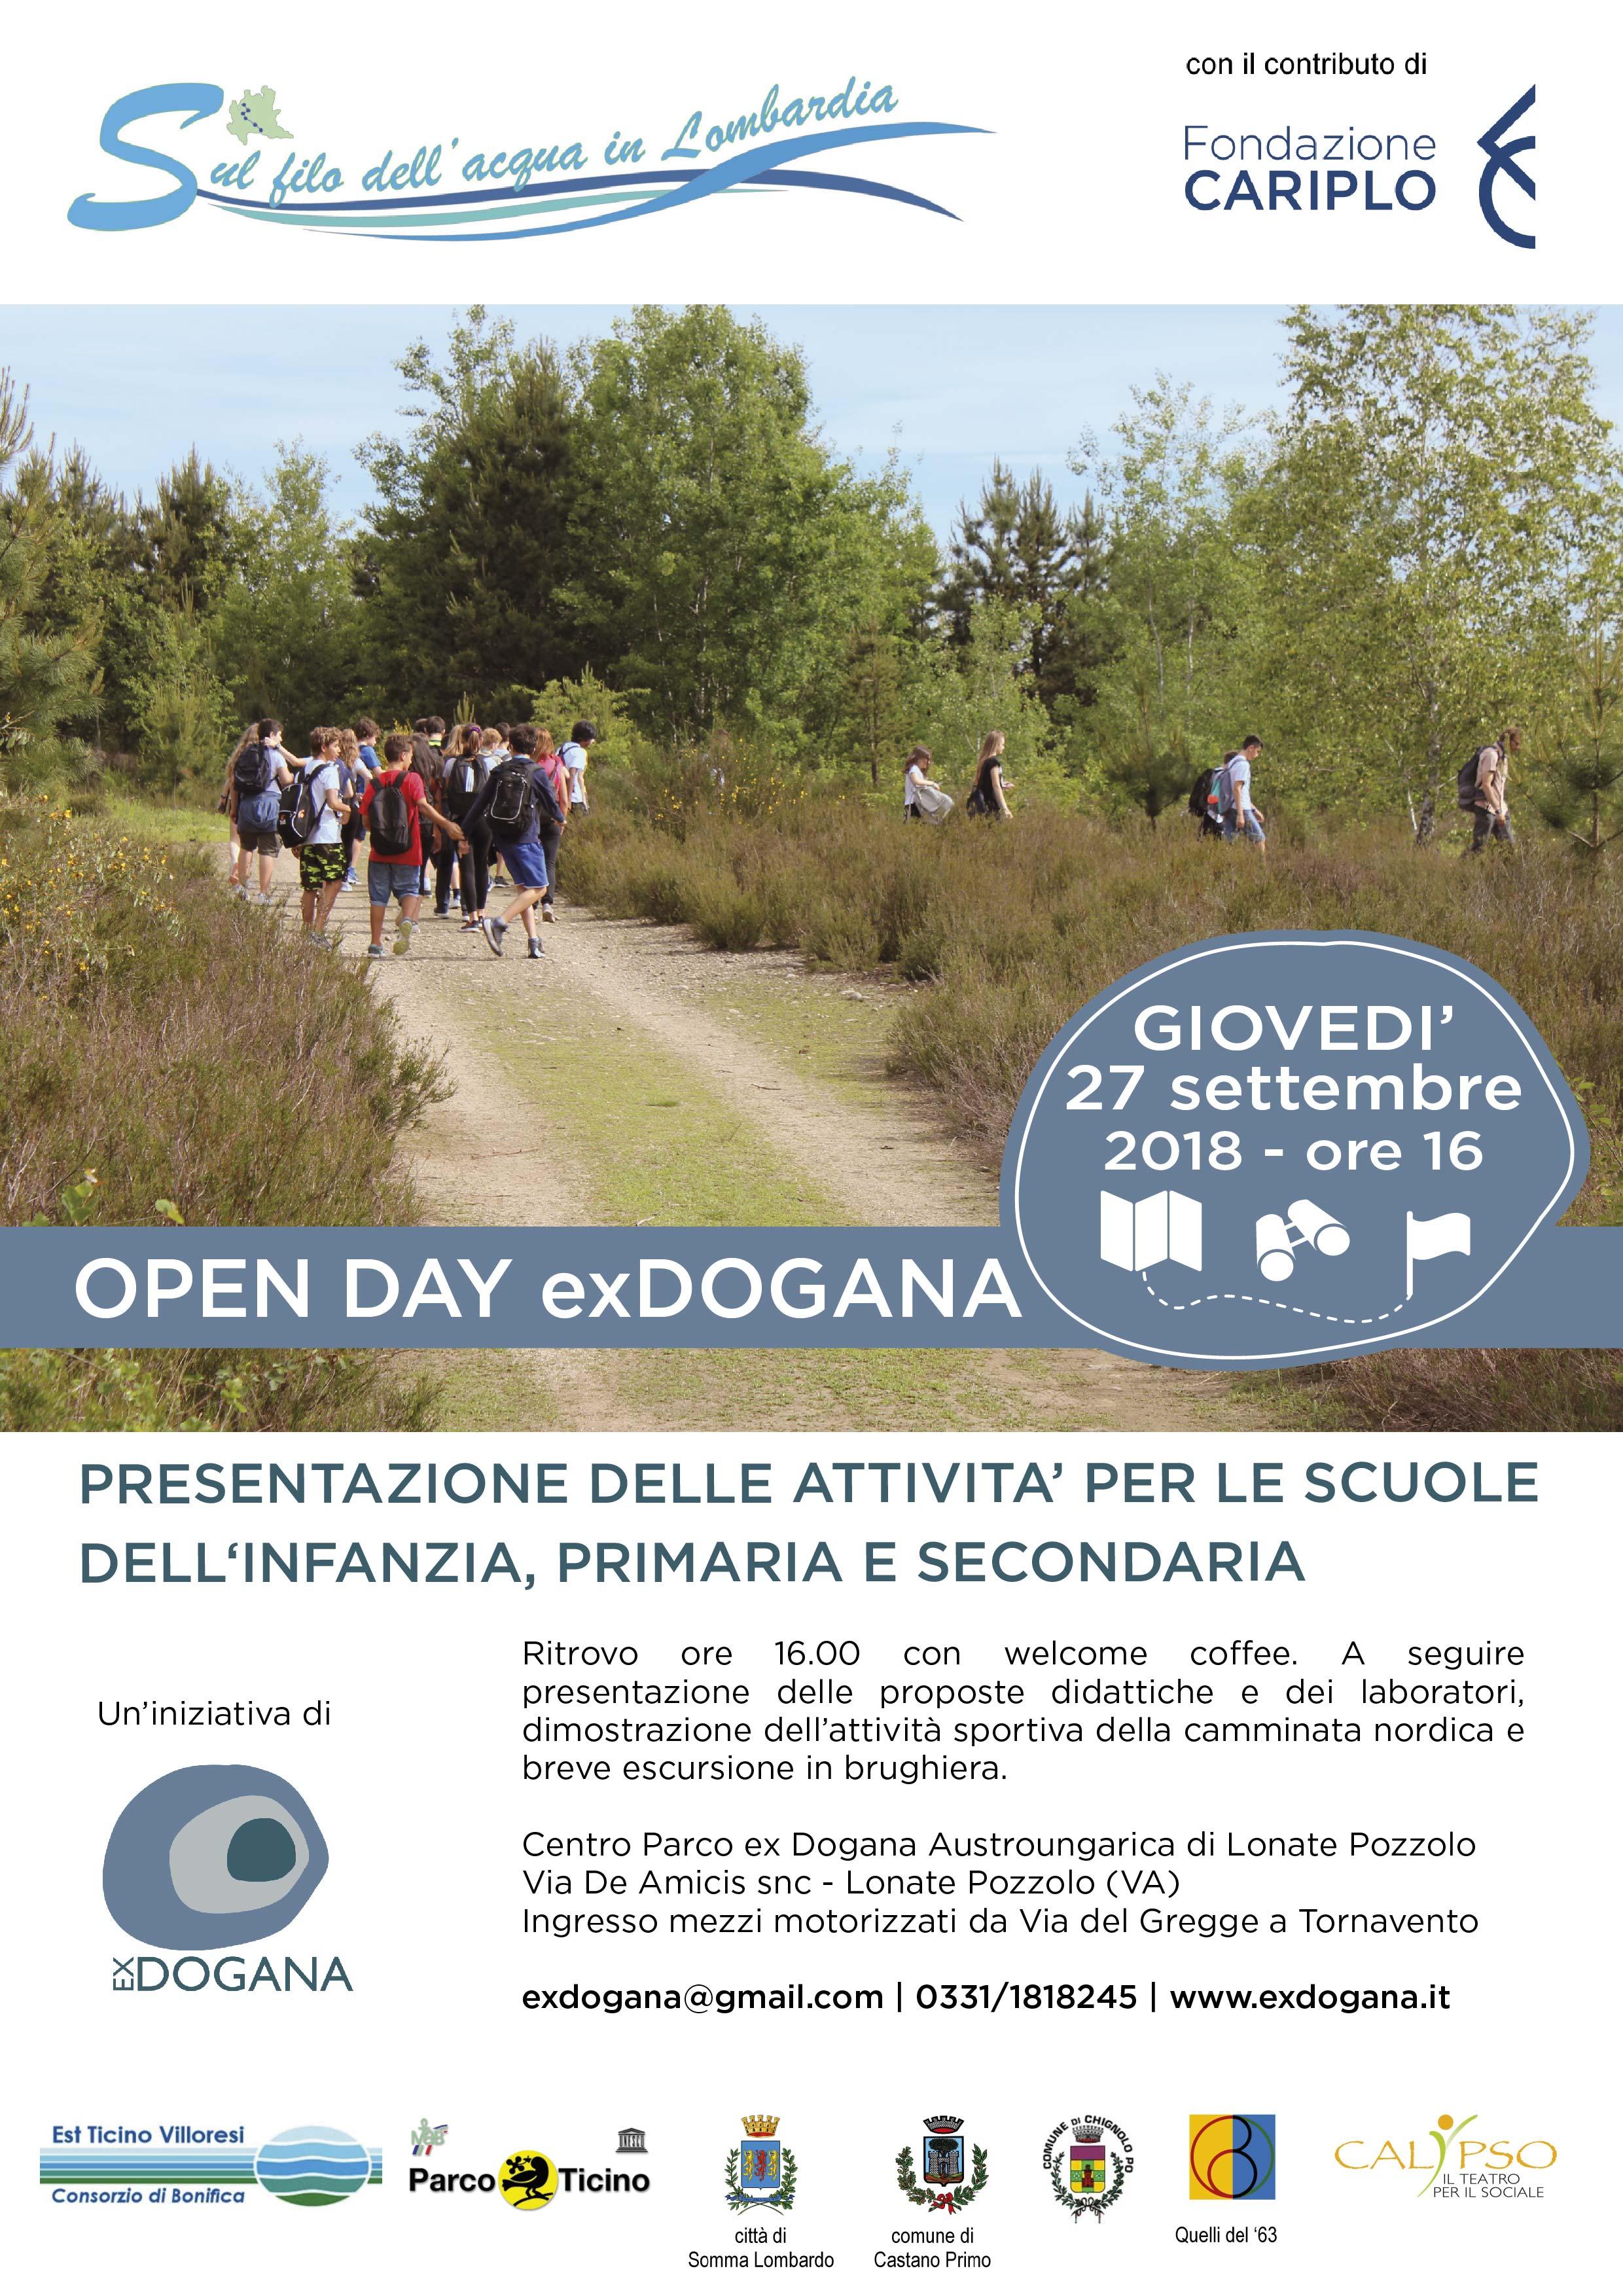 Open day ex dogana per le scuole #parcoticino